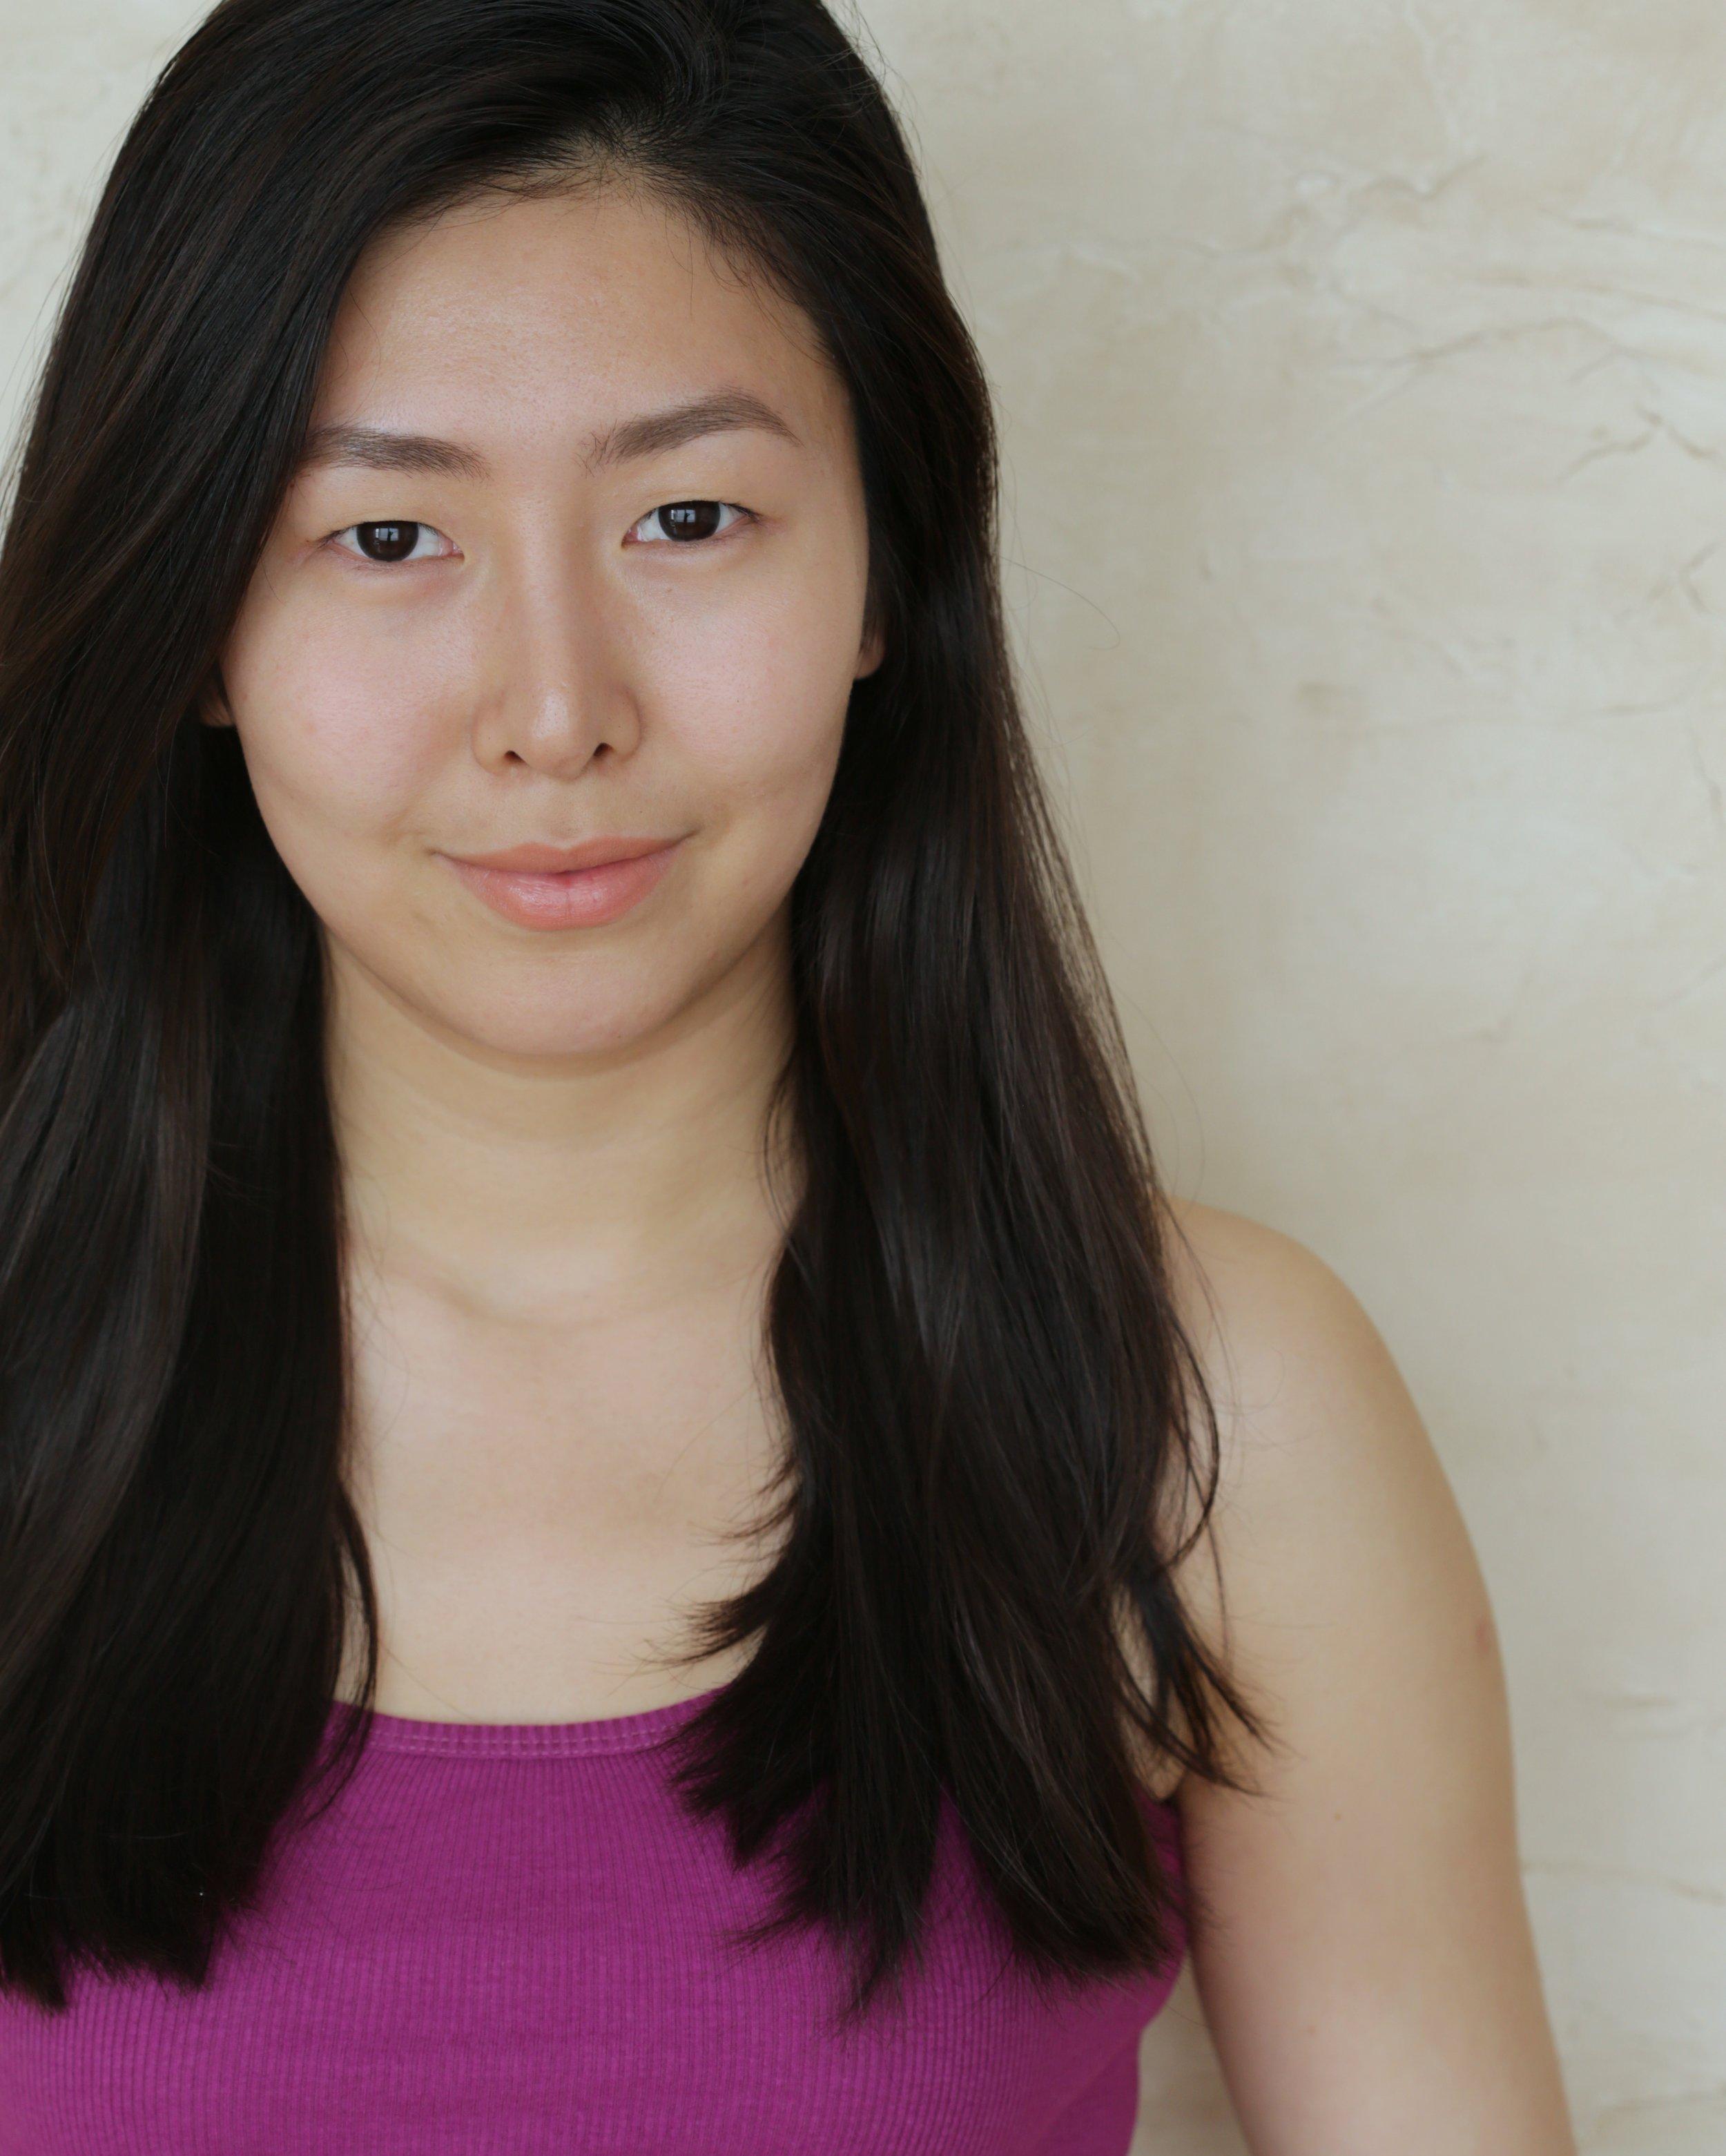 WeiJen Liao